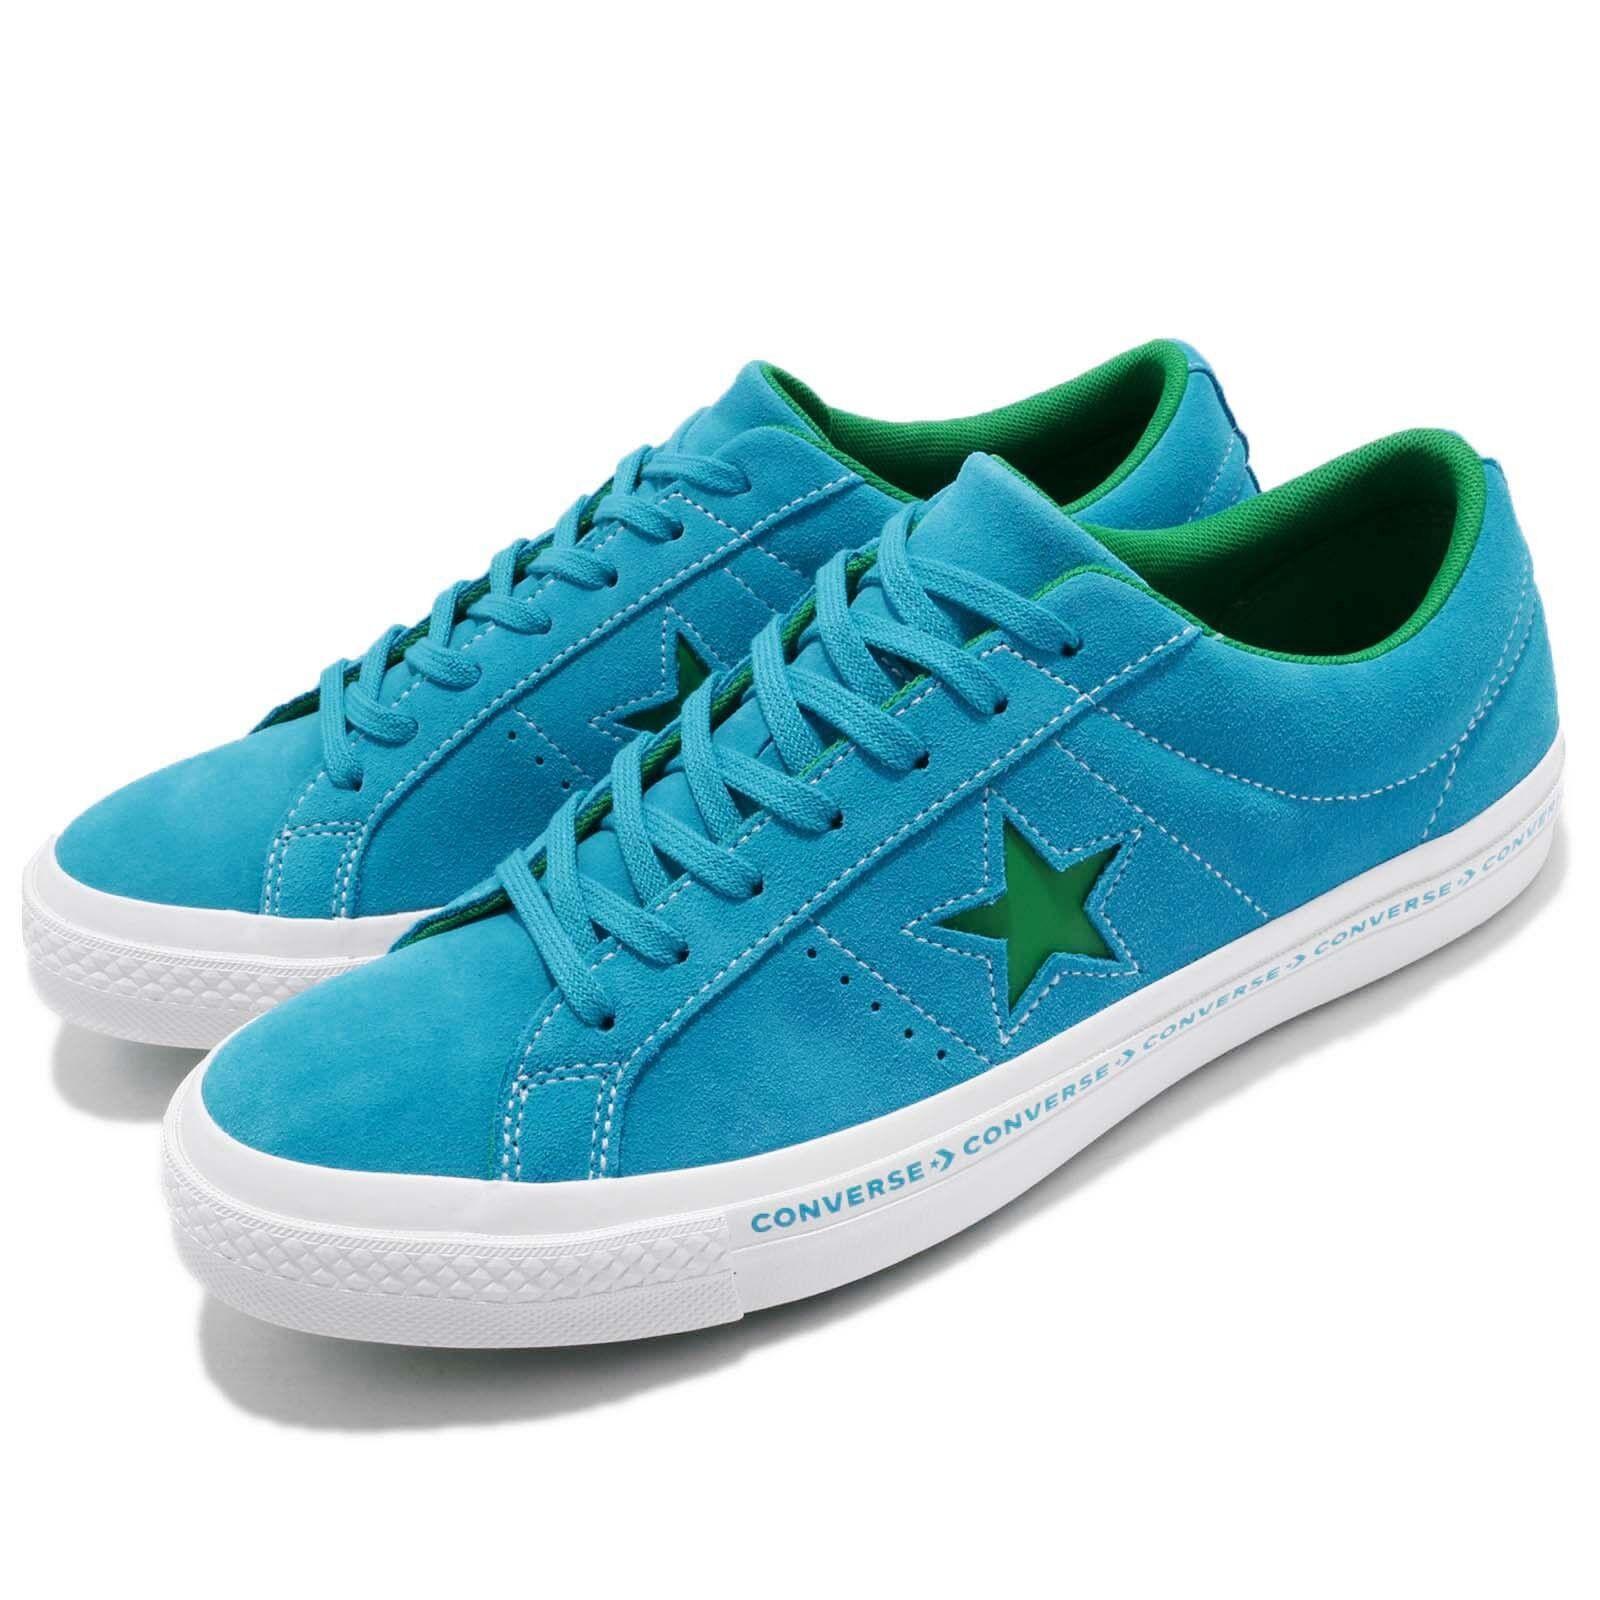 Converse One Star Pinstripe blu verde Suede Mens donna scarpe scarpe da ginnastica 159813C